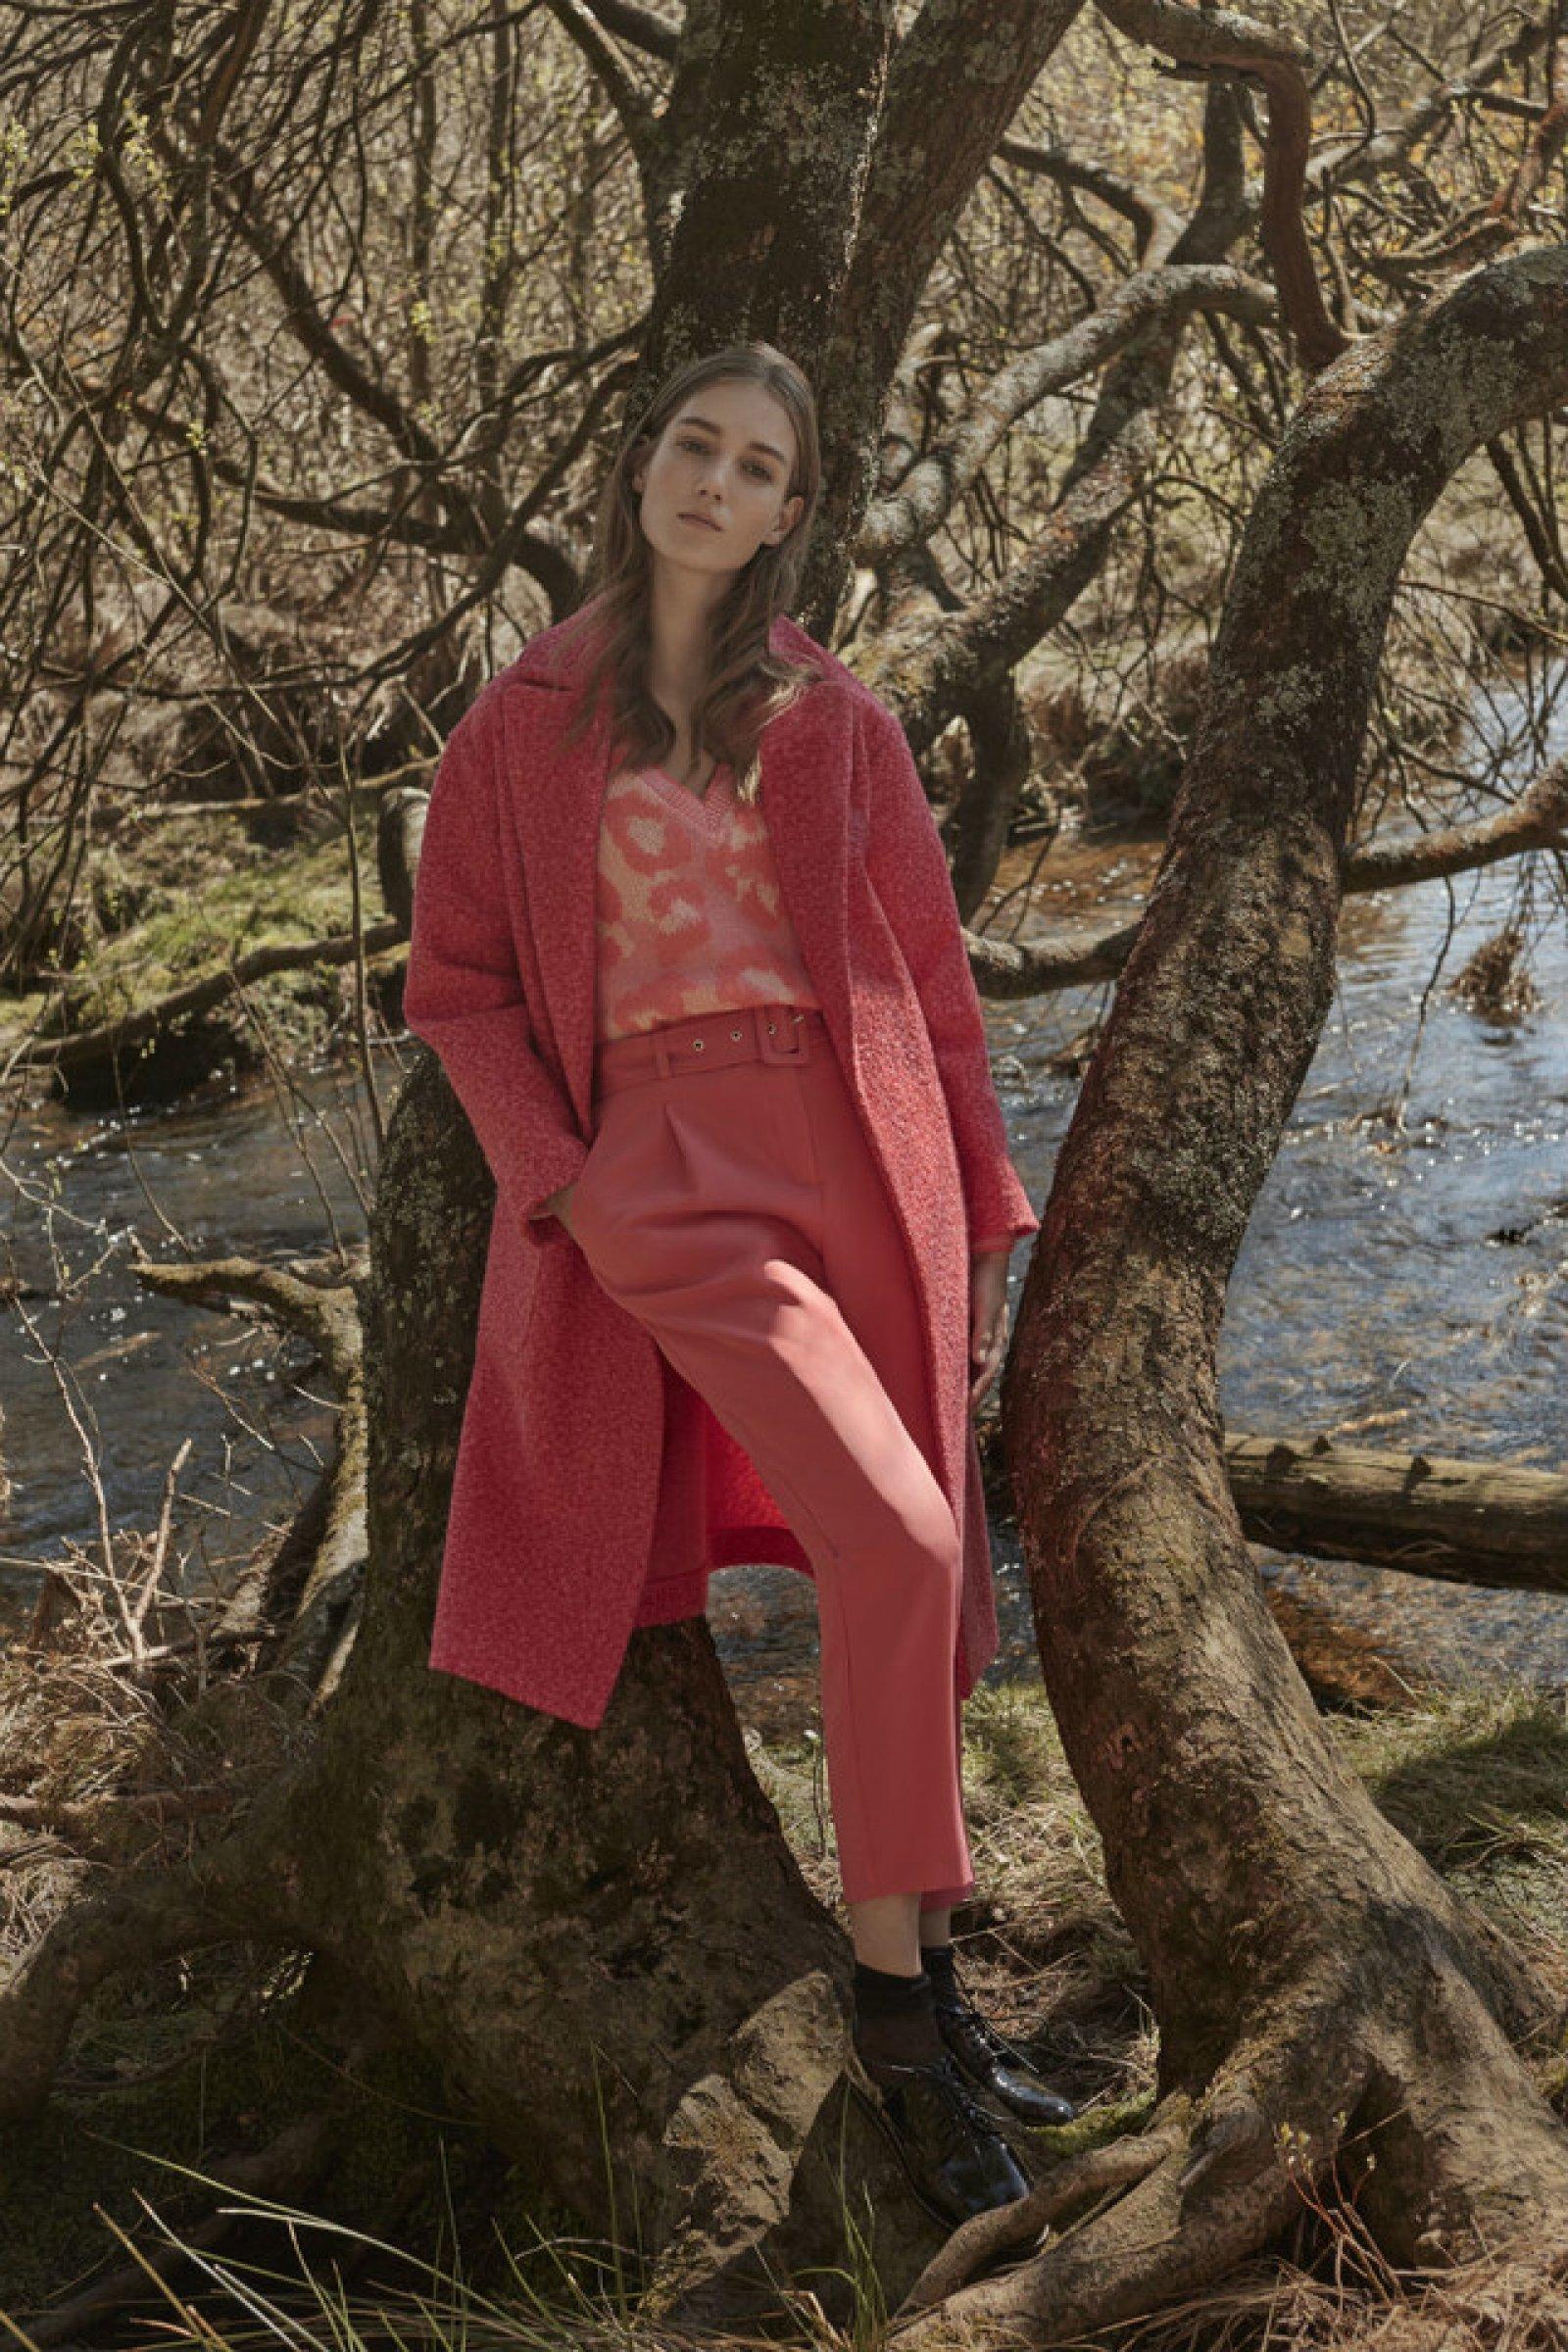 El 'look' de la colección otño-invierno de Primark con un pantalón rosa